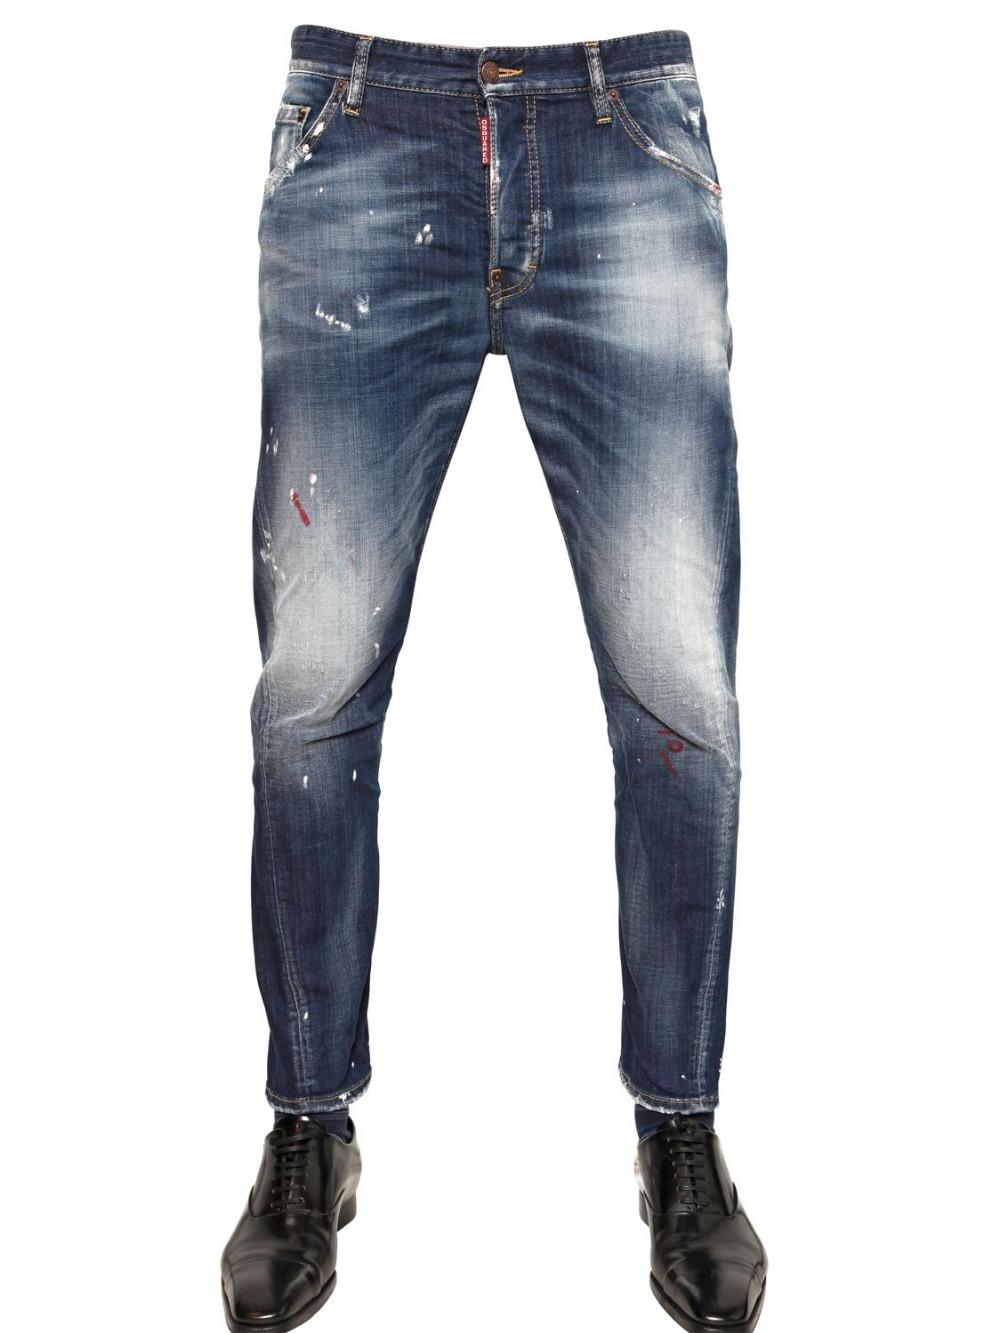 Italian Deisgn Man Denim Fashion Jeans Pant Jeans Stocklot ...